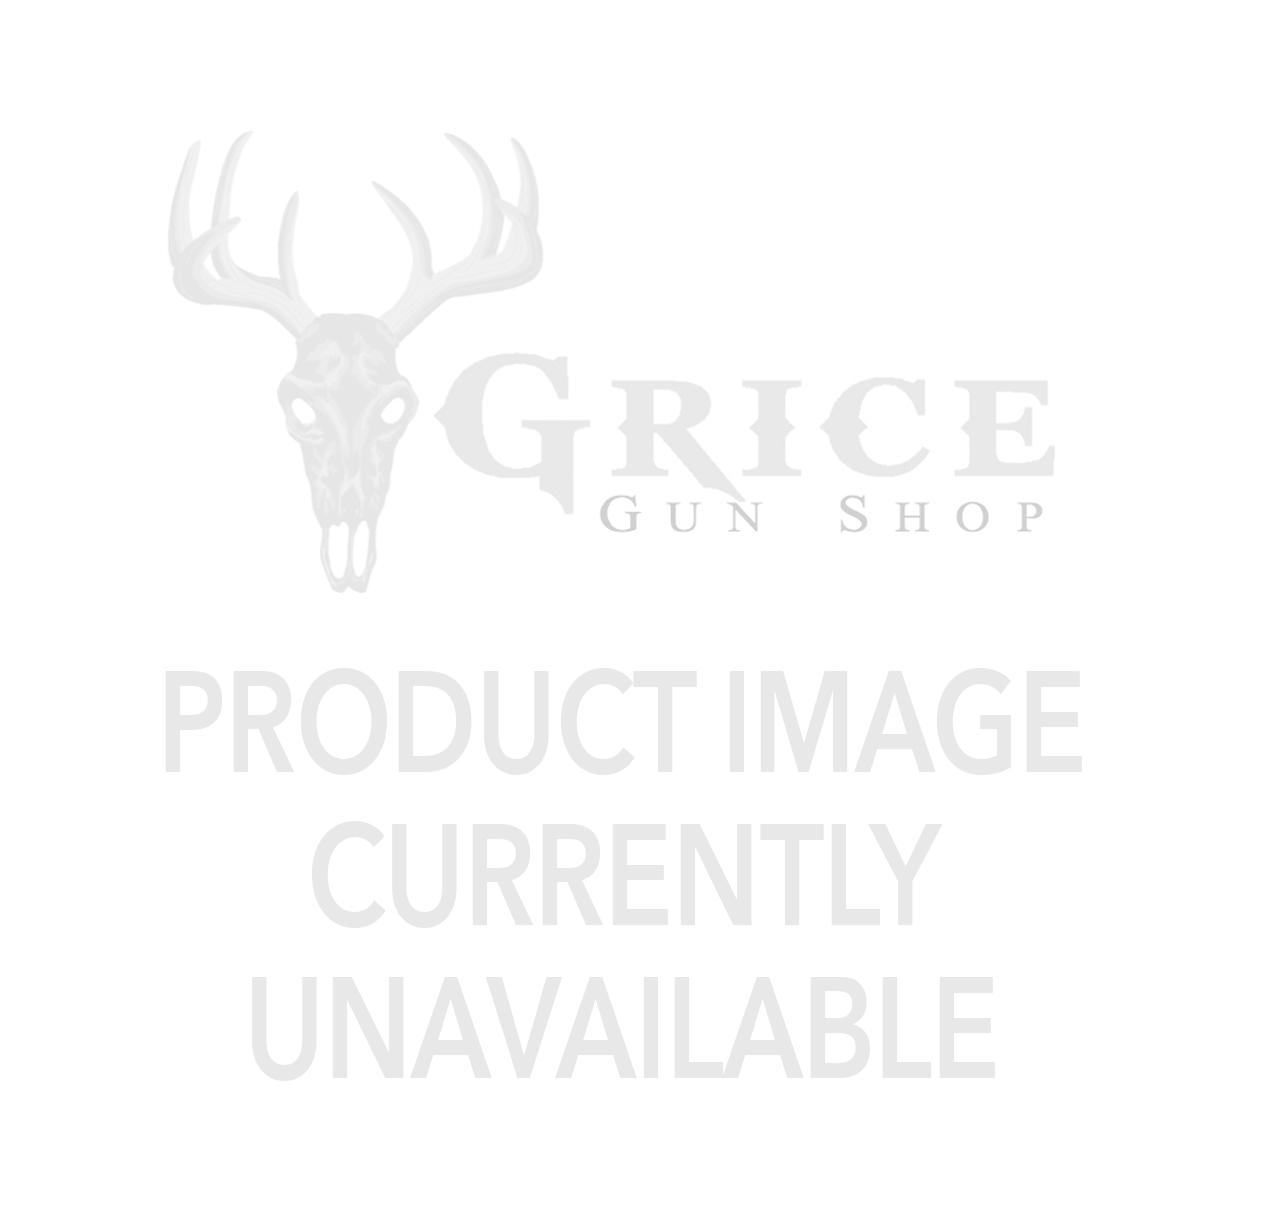 MILLET 2 Piece Base - Aluminum Angle Lock Rem 700 Matte